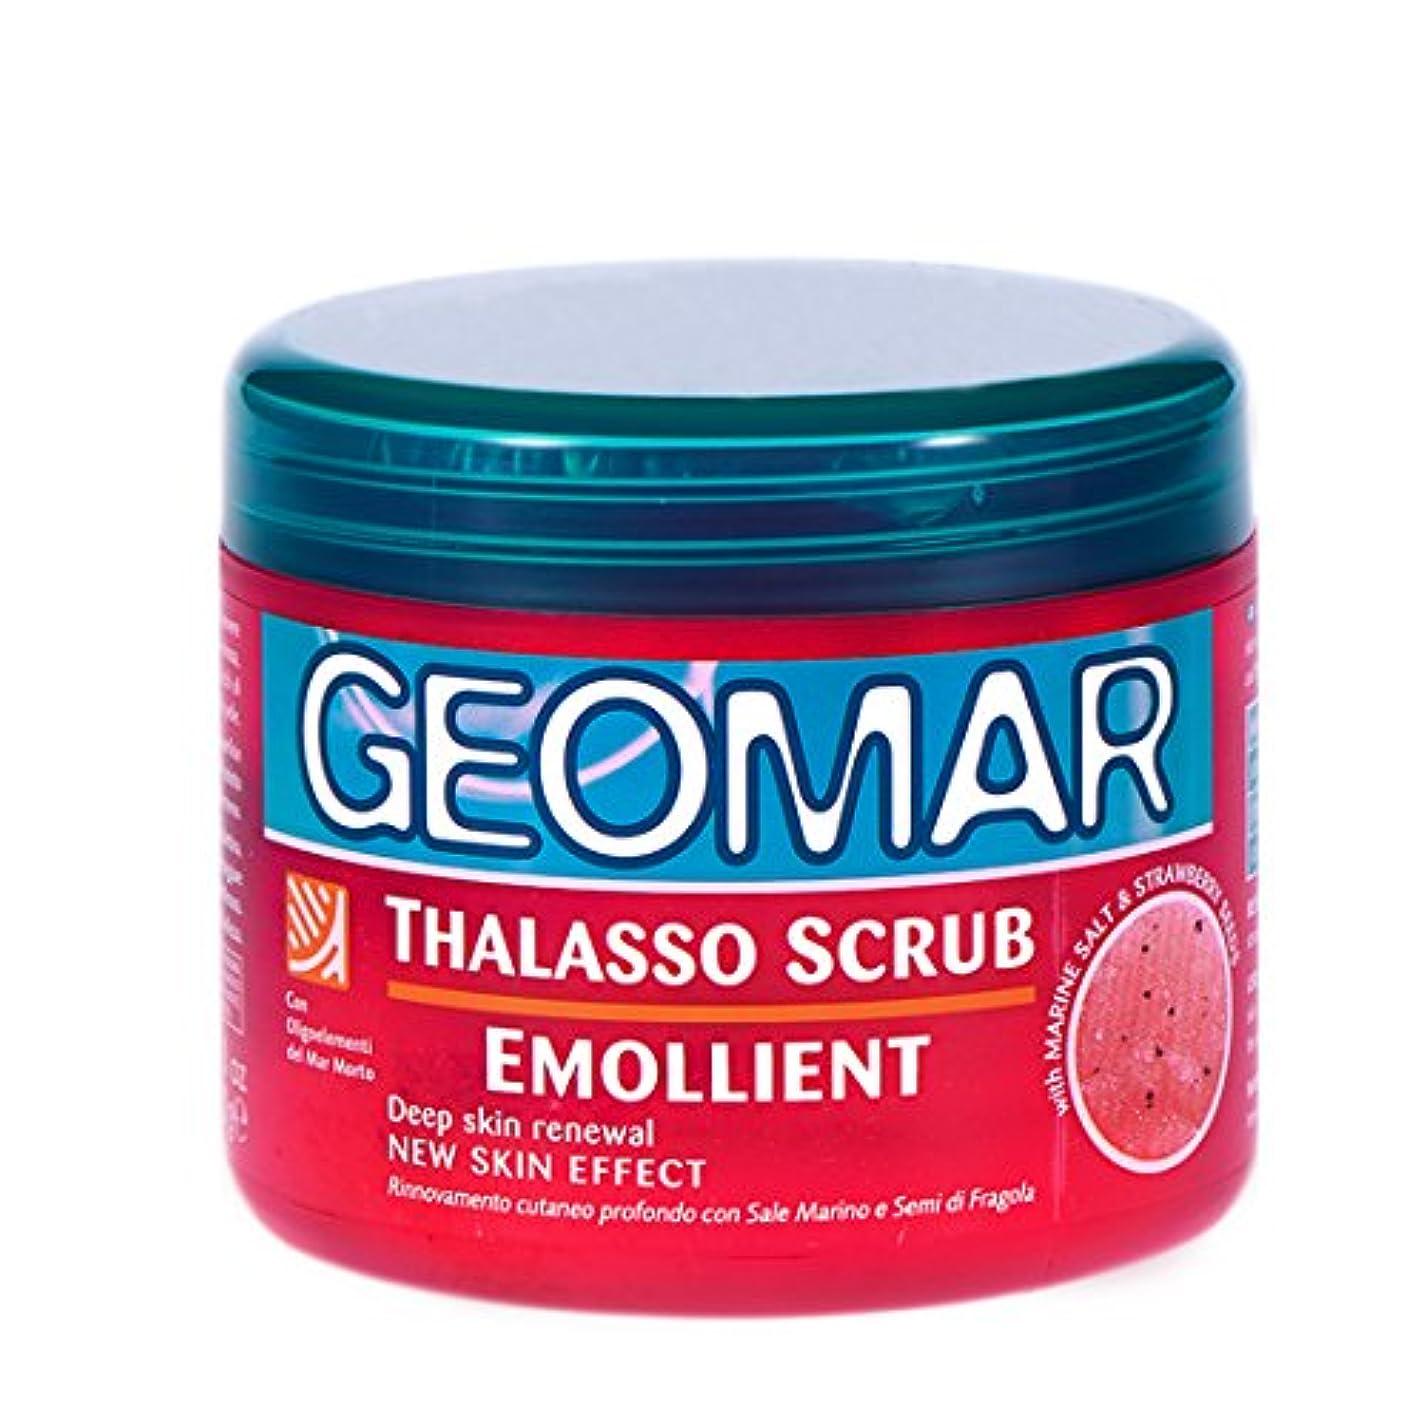 安価な整然とした彼らはジェオマール タラソスクラブ エモリエン #ストロベリー 600g(並行輸入品)